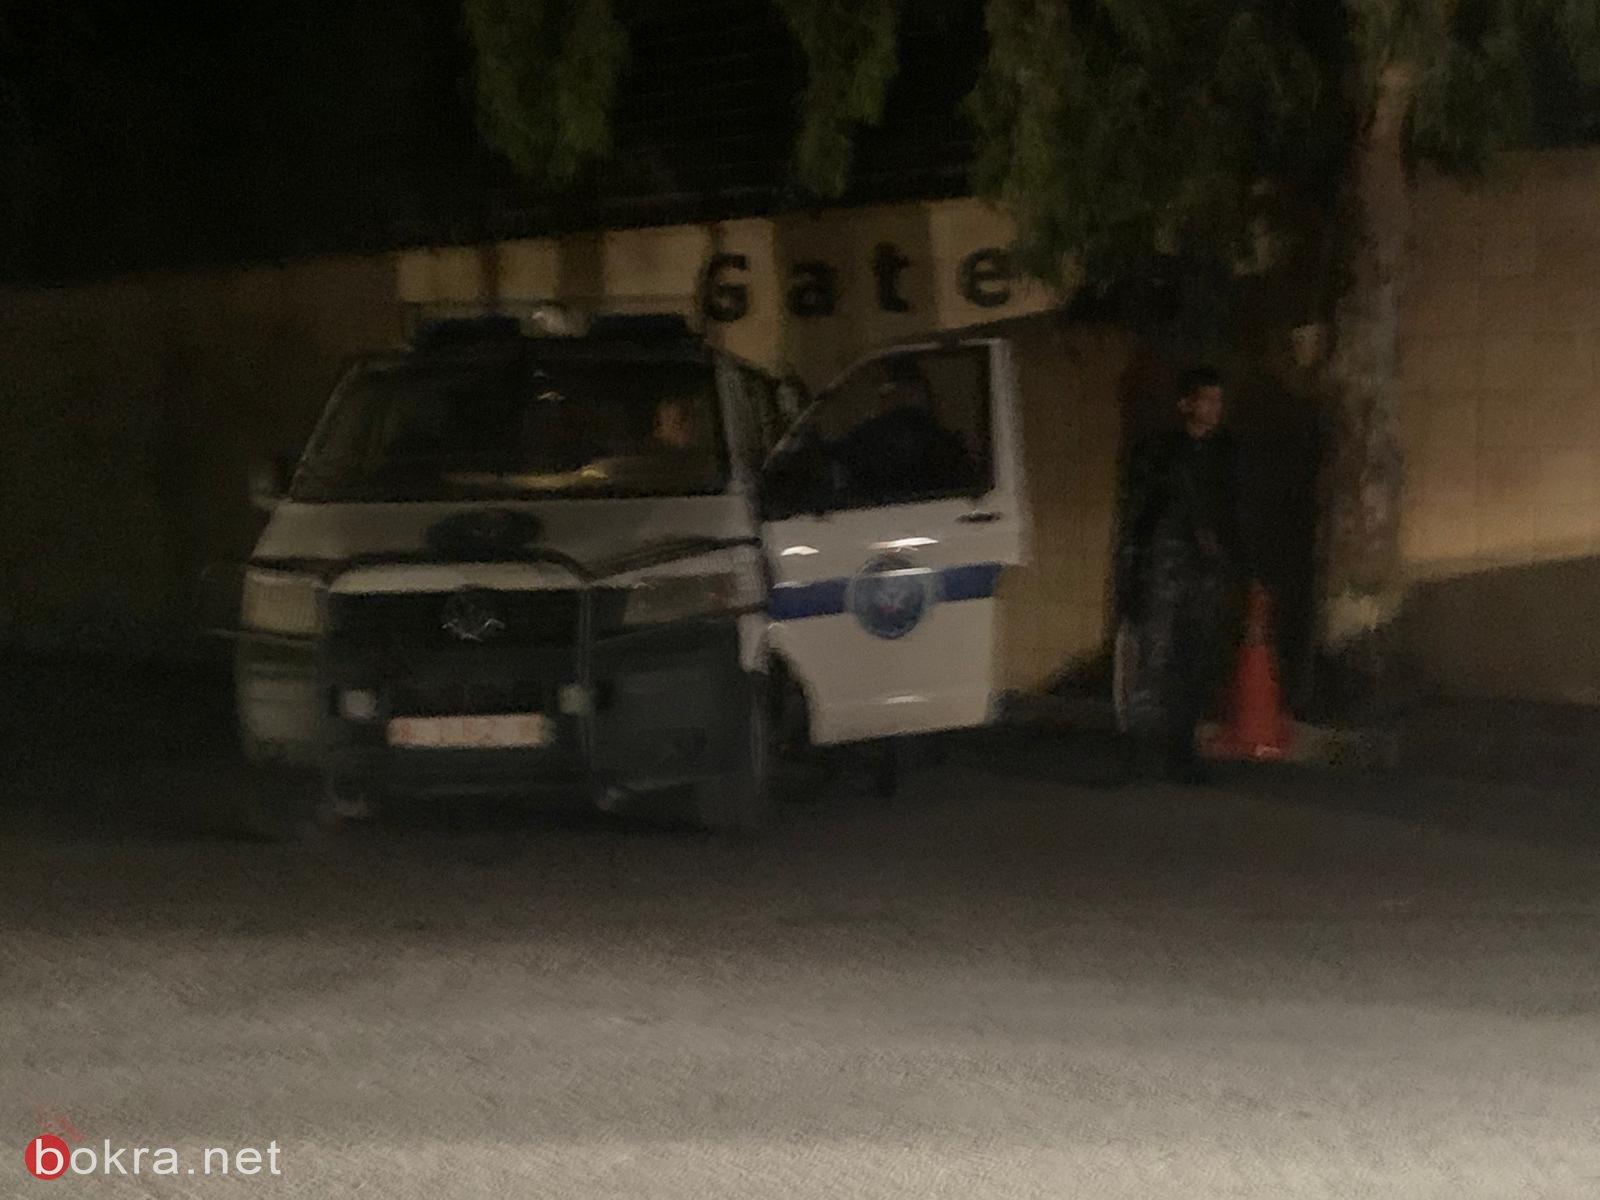 لماذا تتواجد الشرطة الفلسطينية بوحداتها الخاصة في محيط الجامعة العربية الامريكية؟